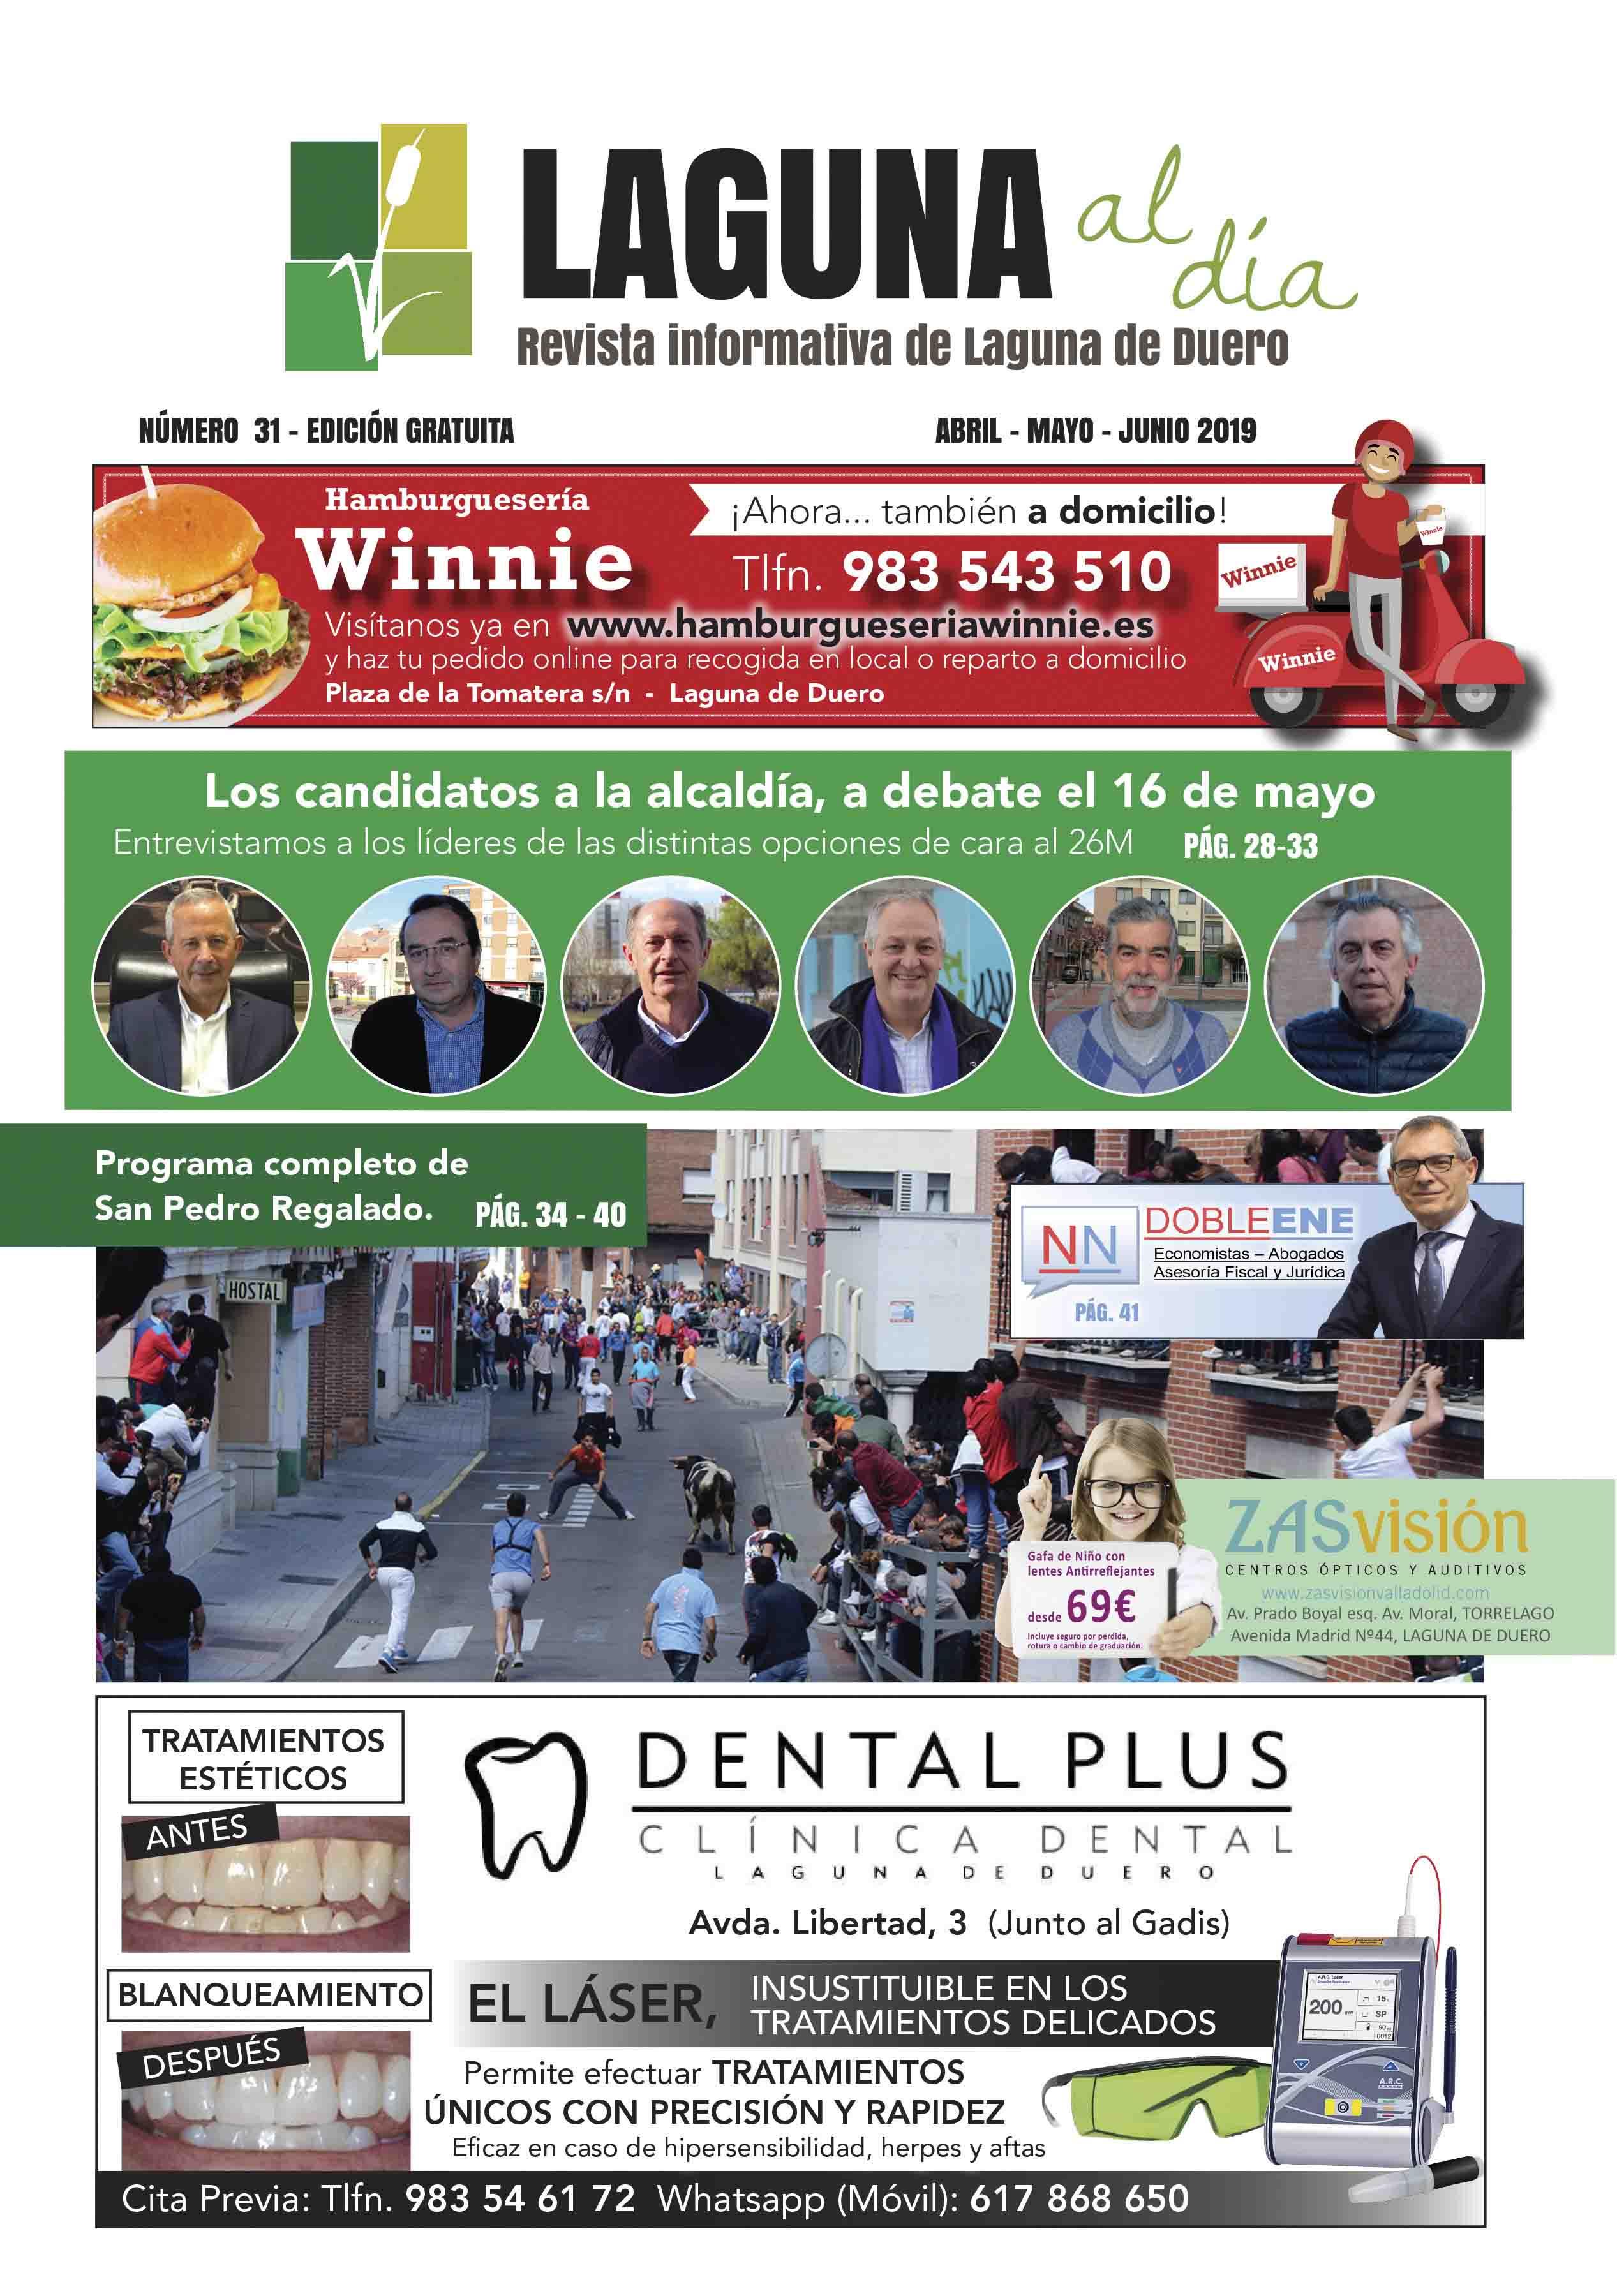 Portada de la trigésimo primera edición de la revista Laguna al Día